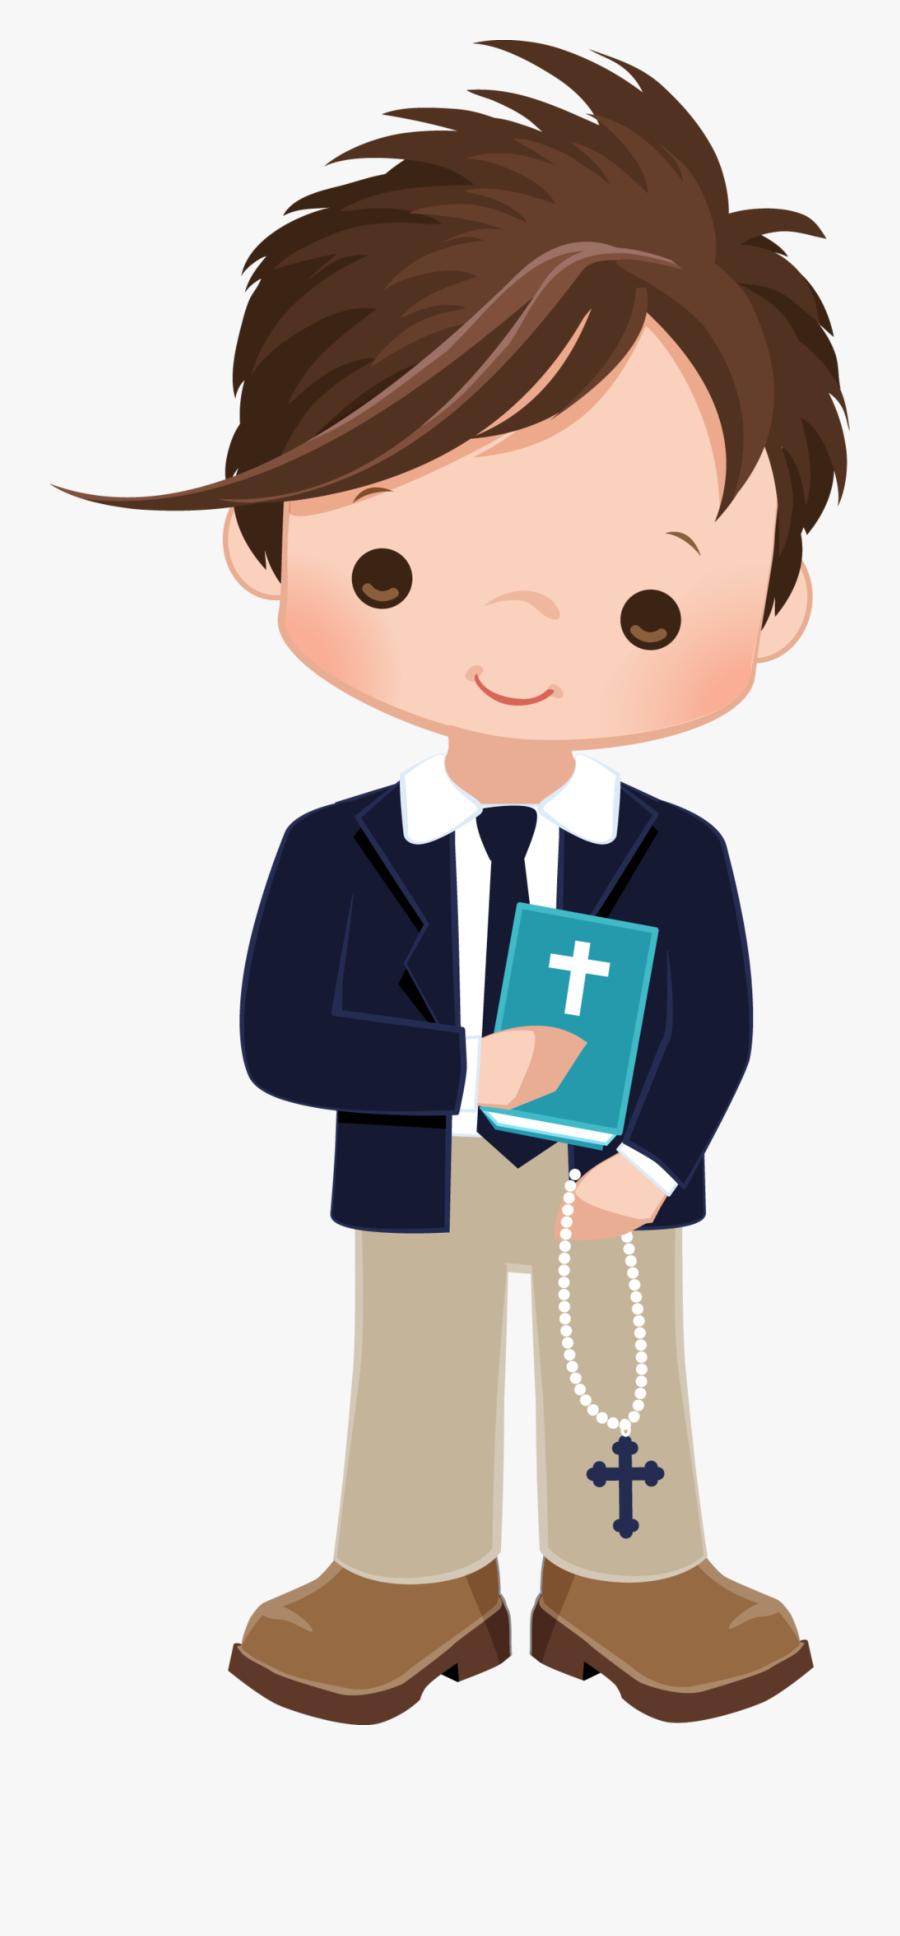 Clip Art Communion Boy Png, Transparent Clipart